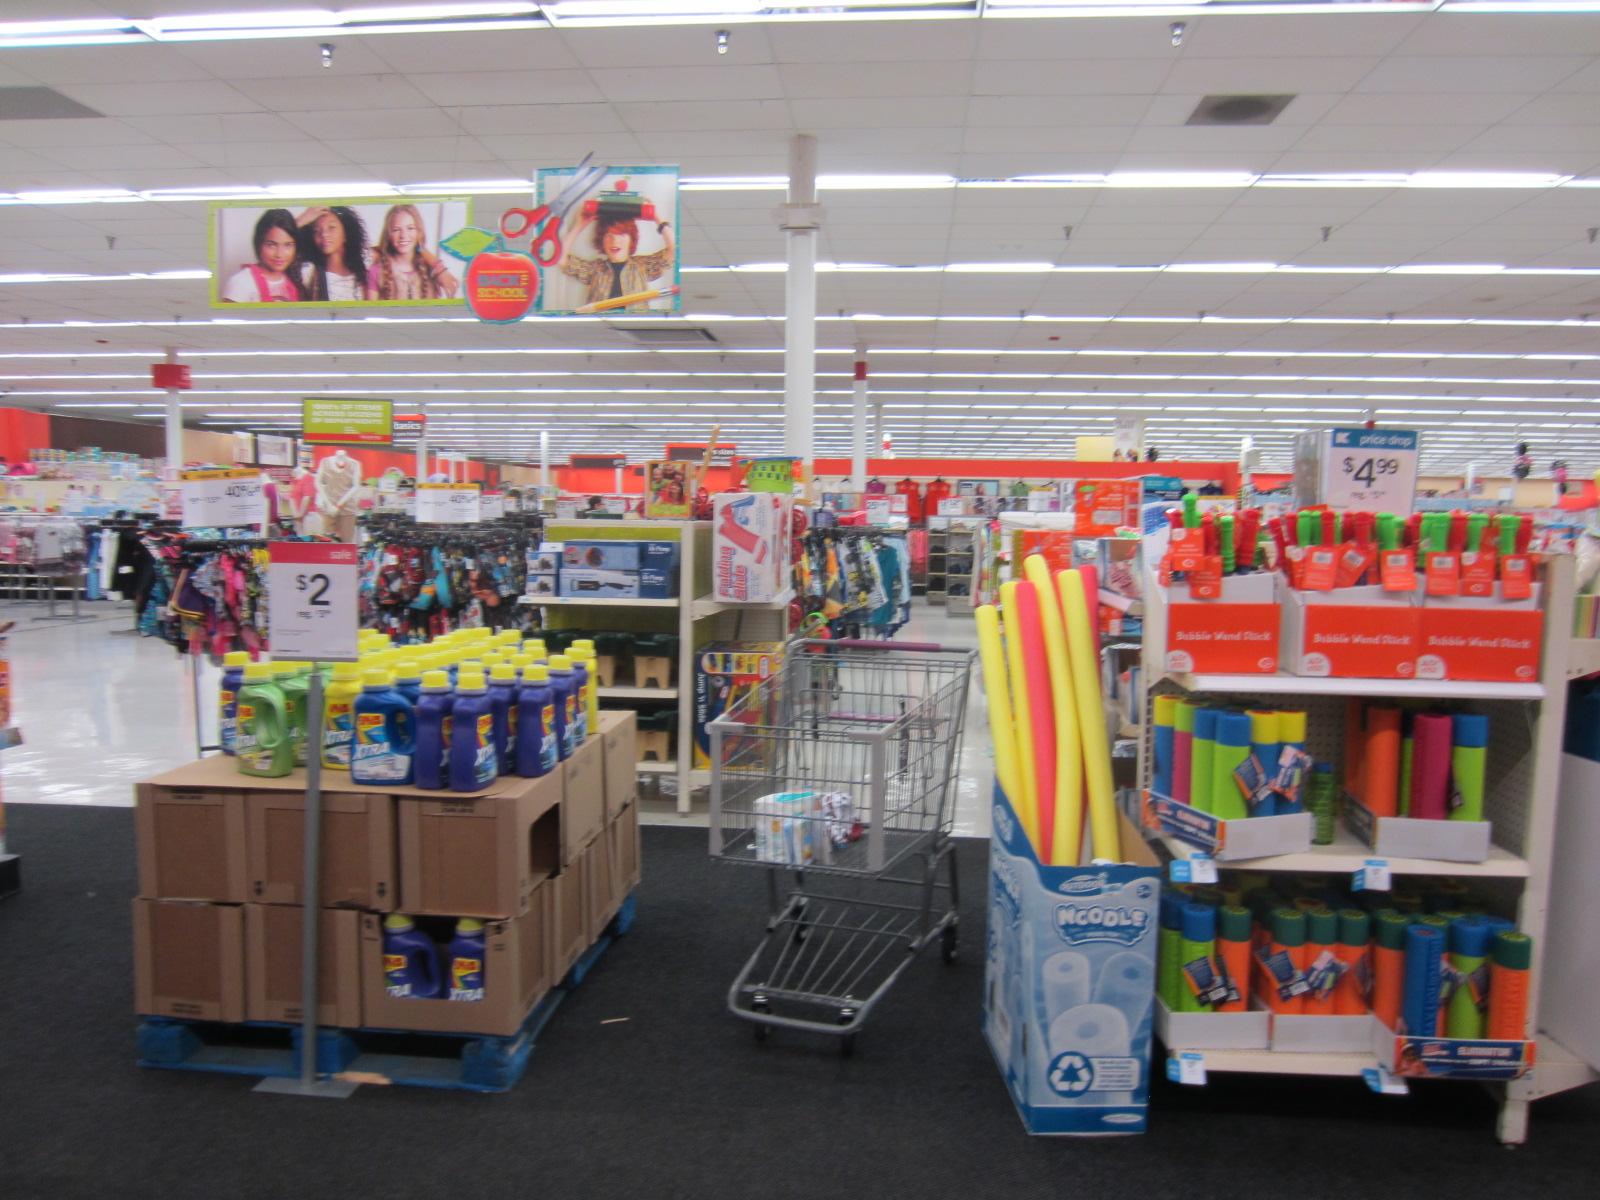 Costco Store Layout >> Super Kmart Blog!: MD: Gaithersburg Kmart